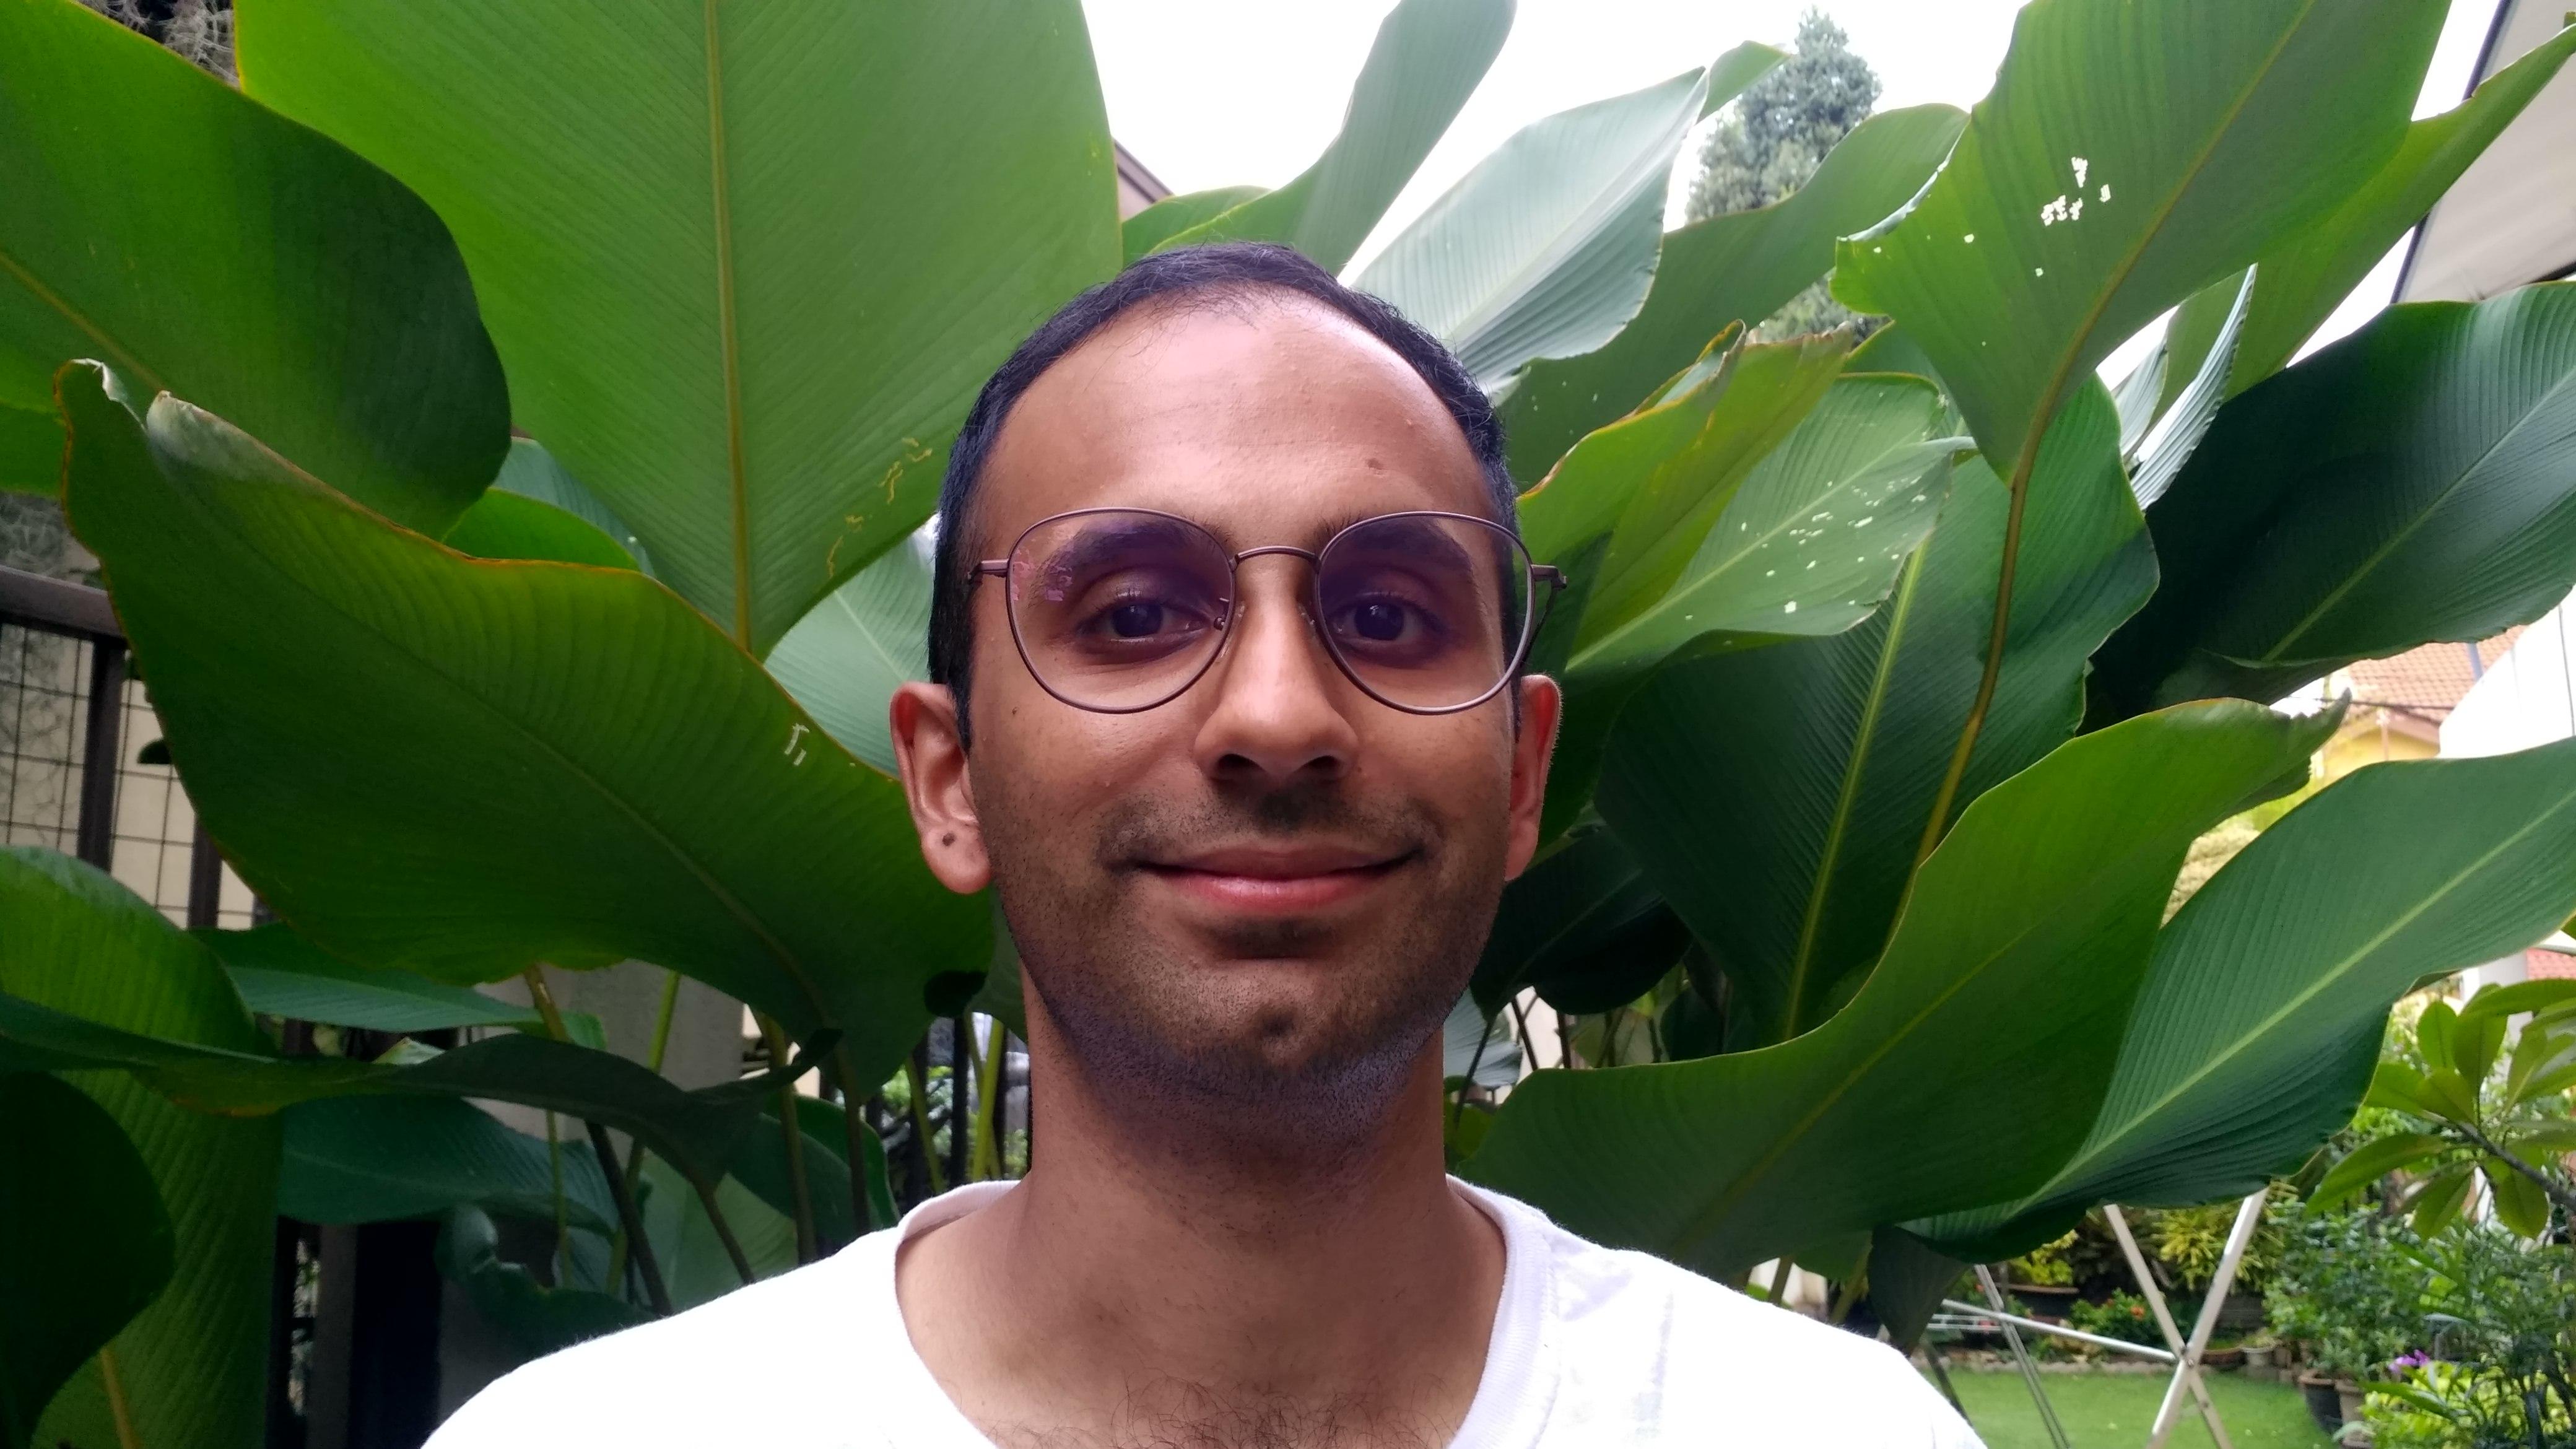 Profile picure of Roshan Guharajan